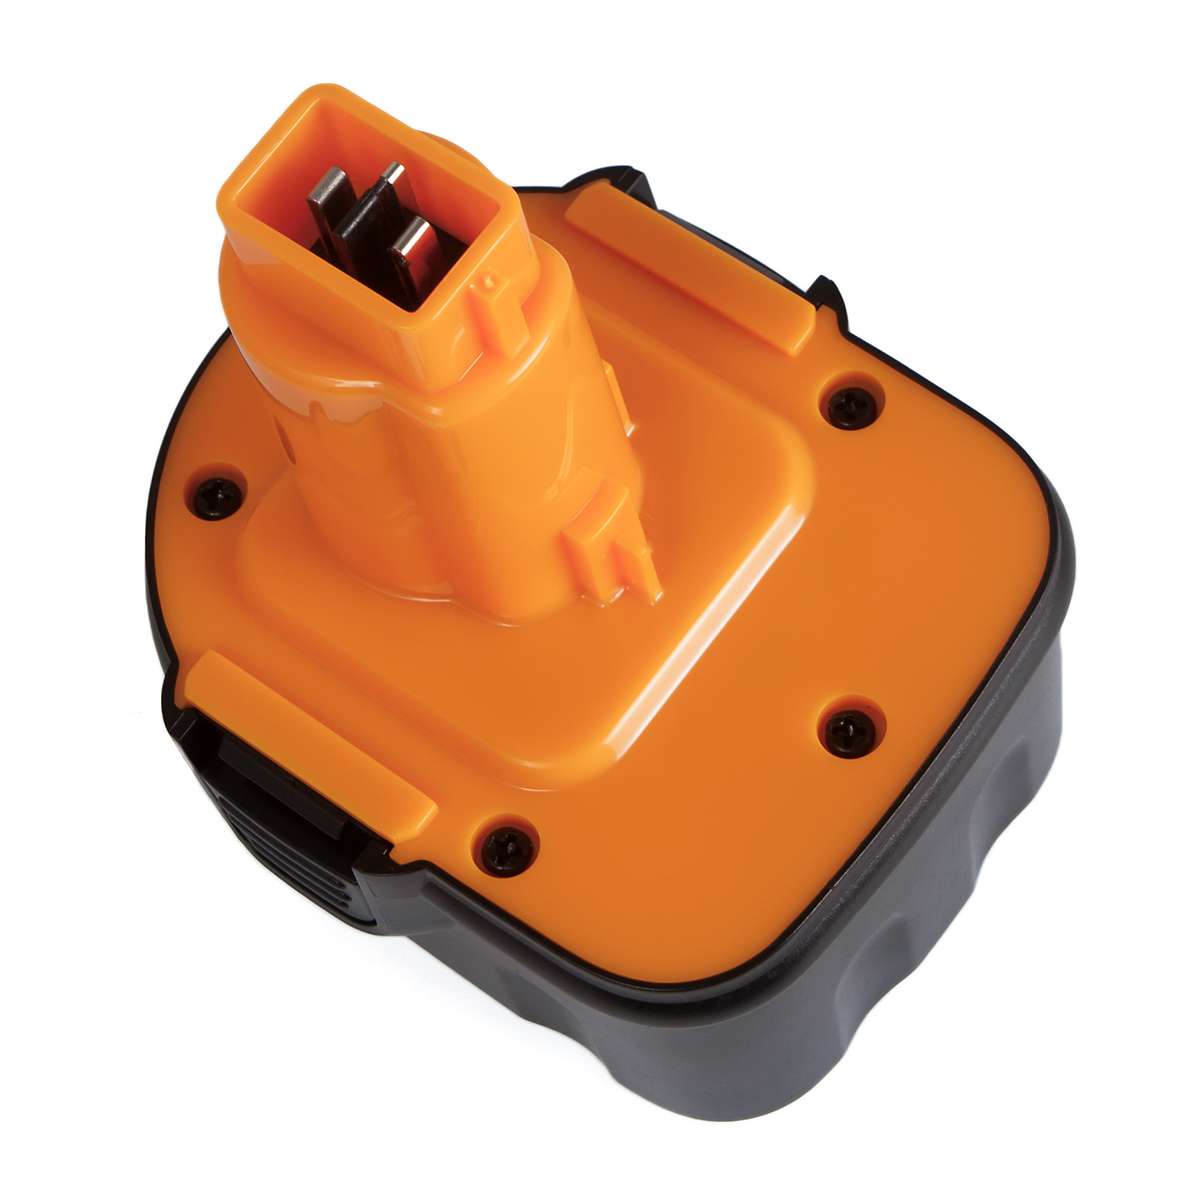 12v 2 0ah Battery For Dewalt Dc9071 De9037 Dw9071 Dw9072